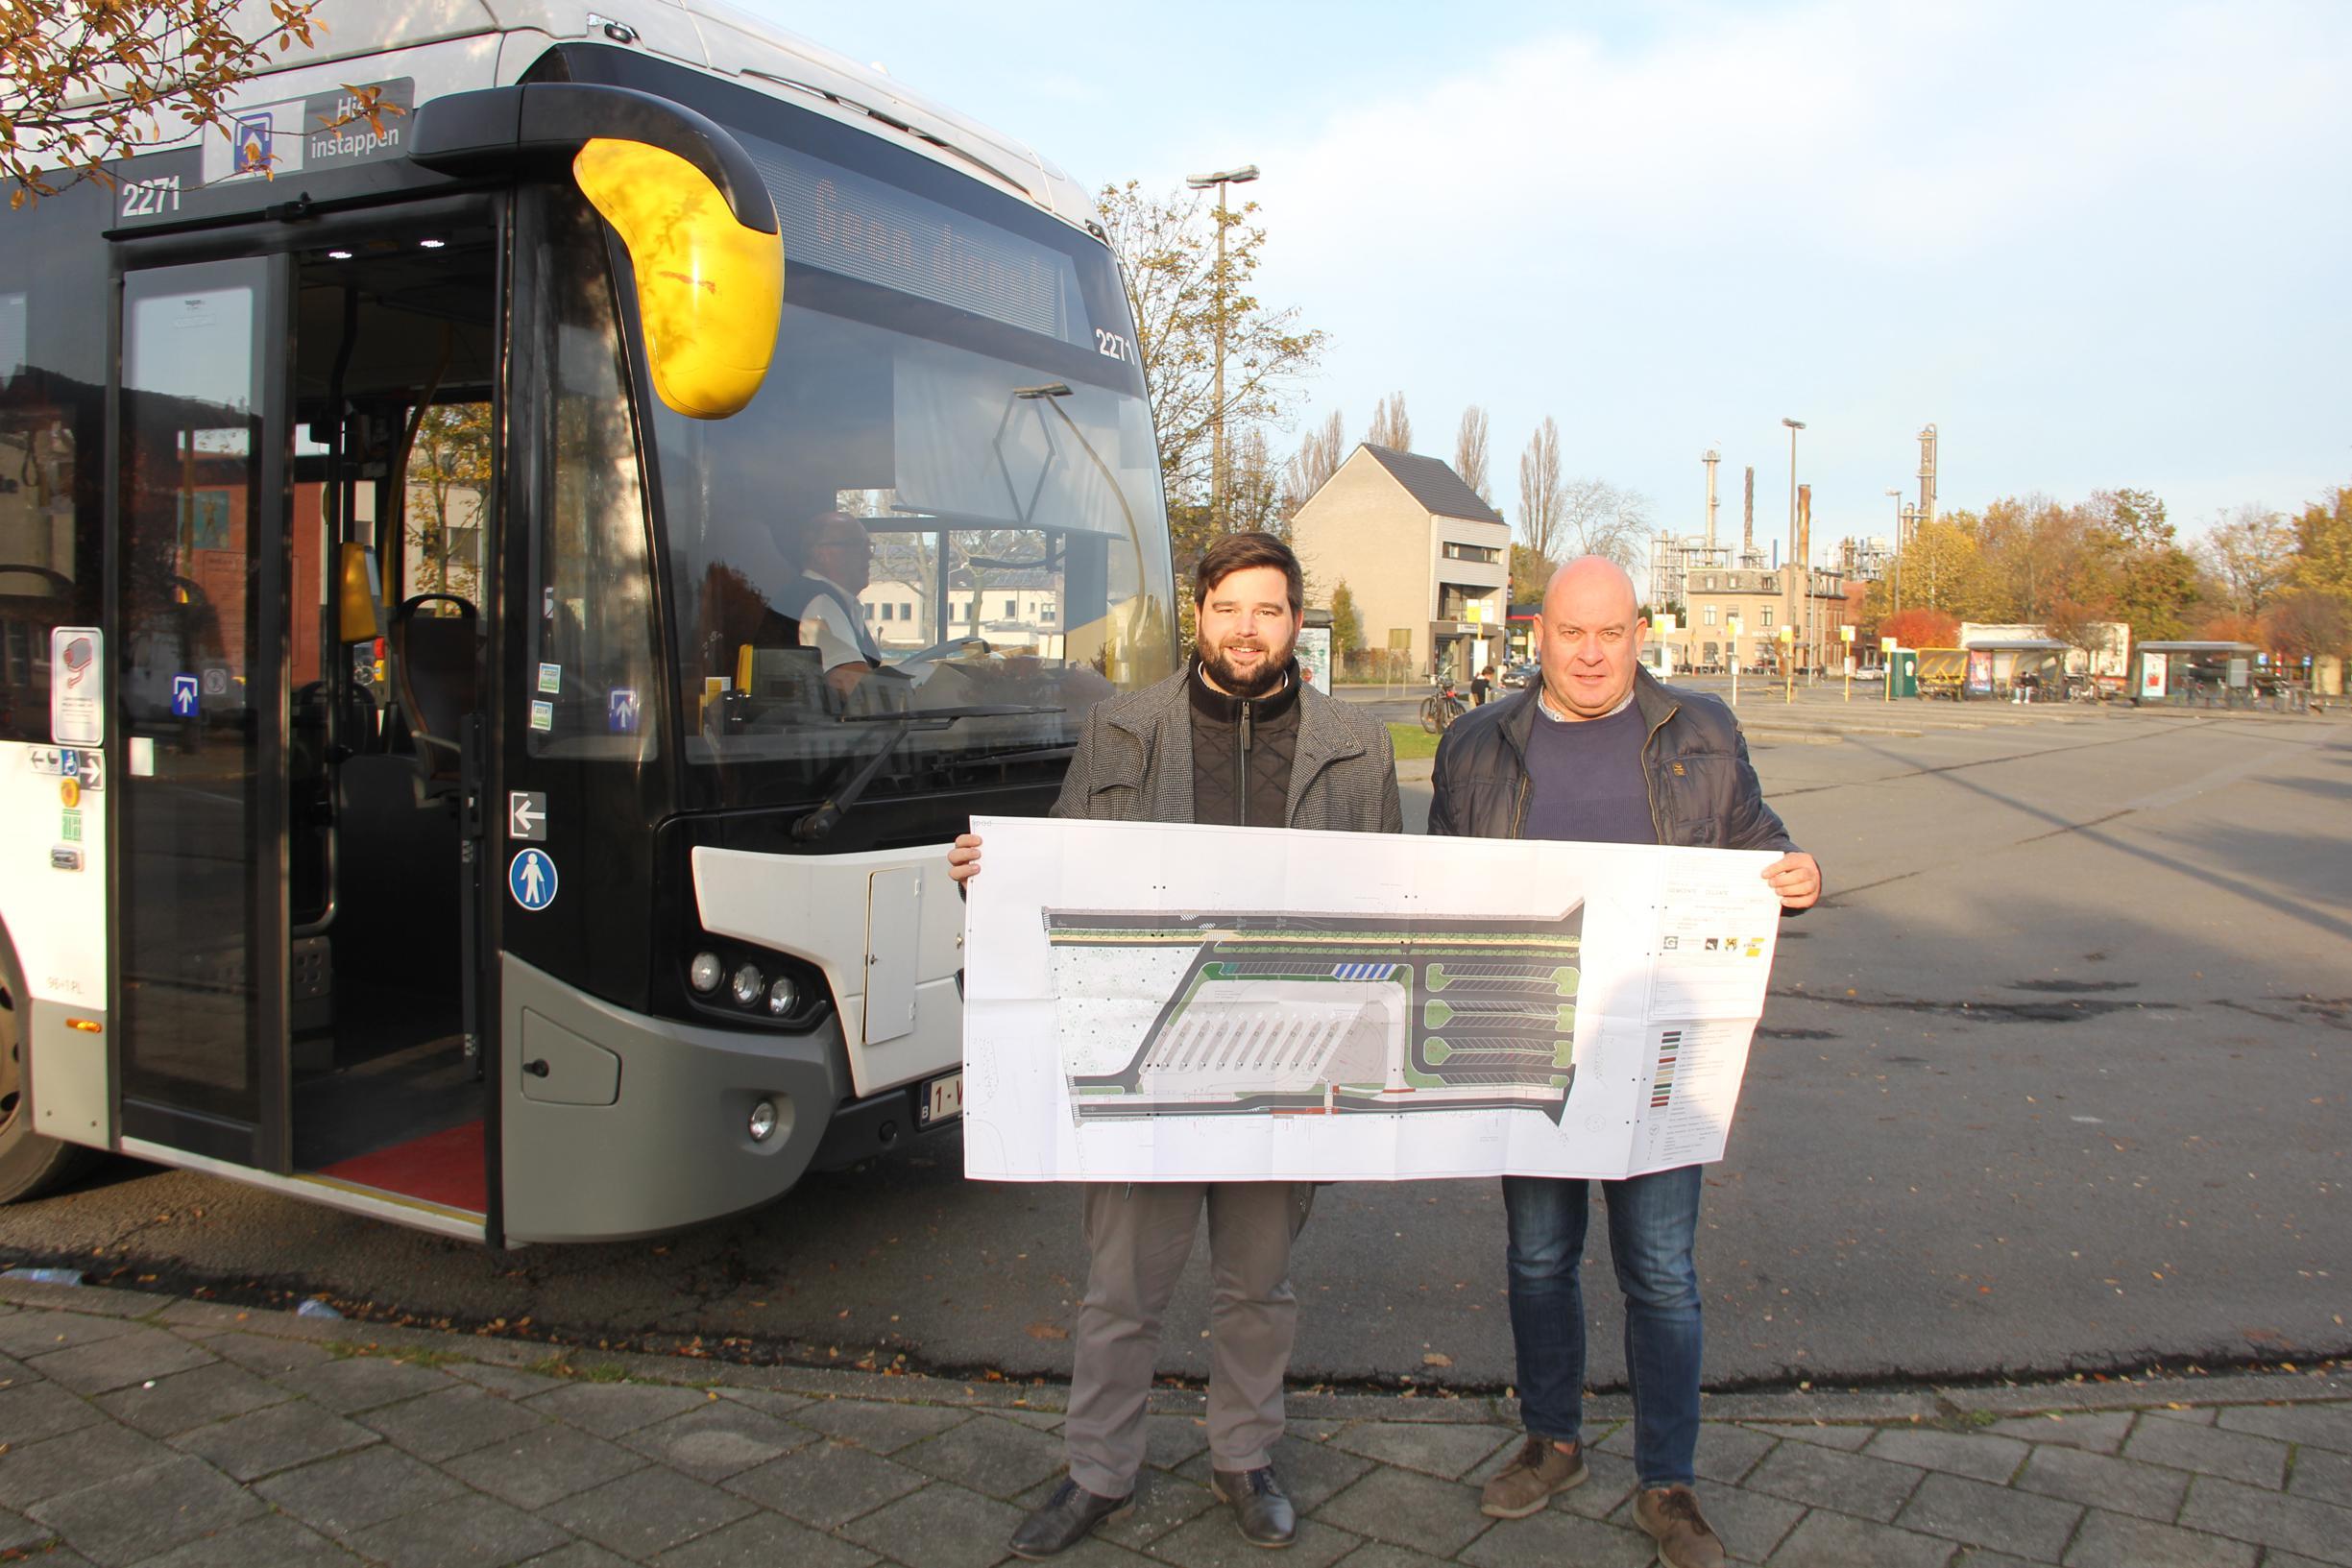 Na 15 jaar gaat heraanleg Busplein eindelijk van start - Het Nieuwsblad